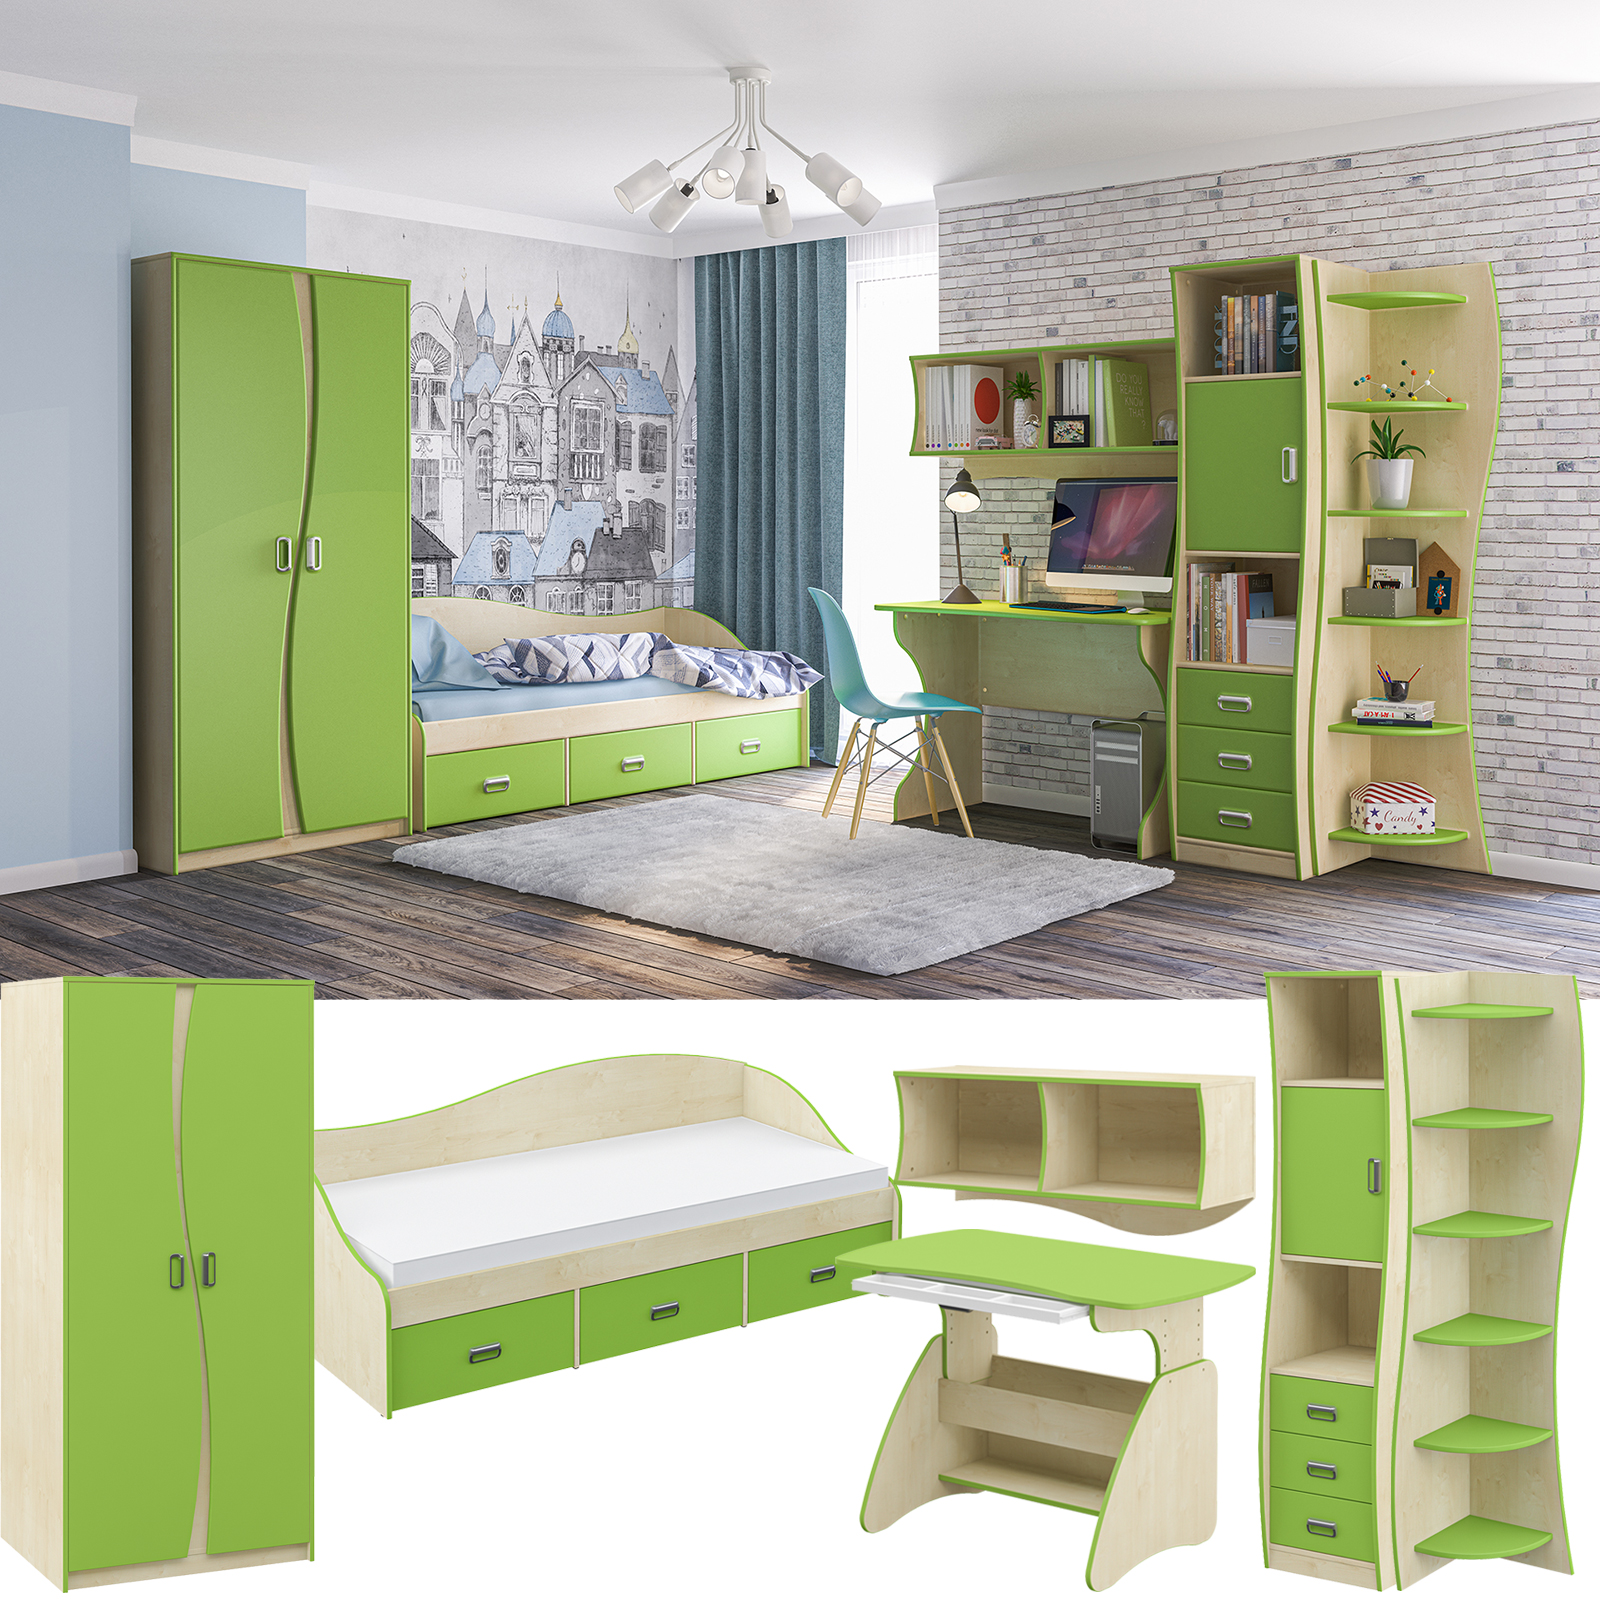 kinderzimmermöbel kaufen möbel jugendzimmer junge mädchen kinderzimmer grün